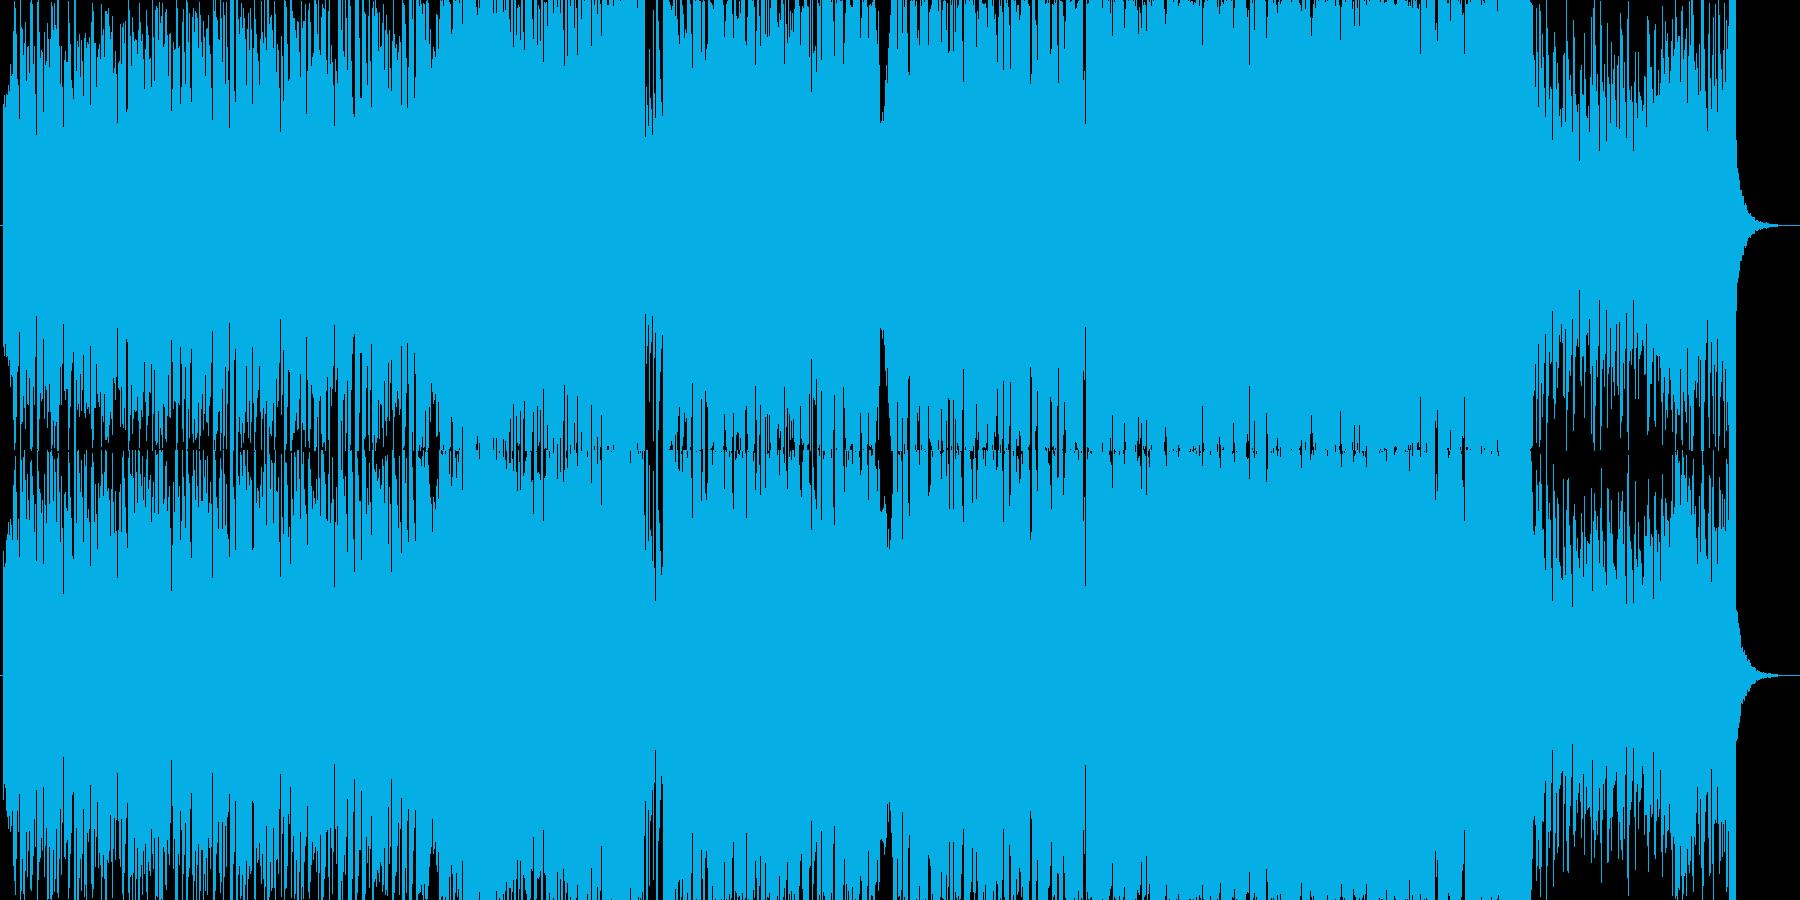 キラキラわくわくかわいいエレクトロBの再生済みの波形